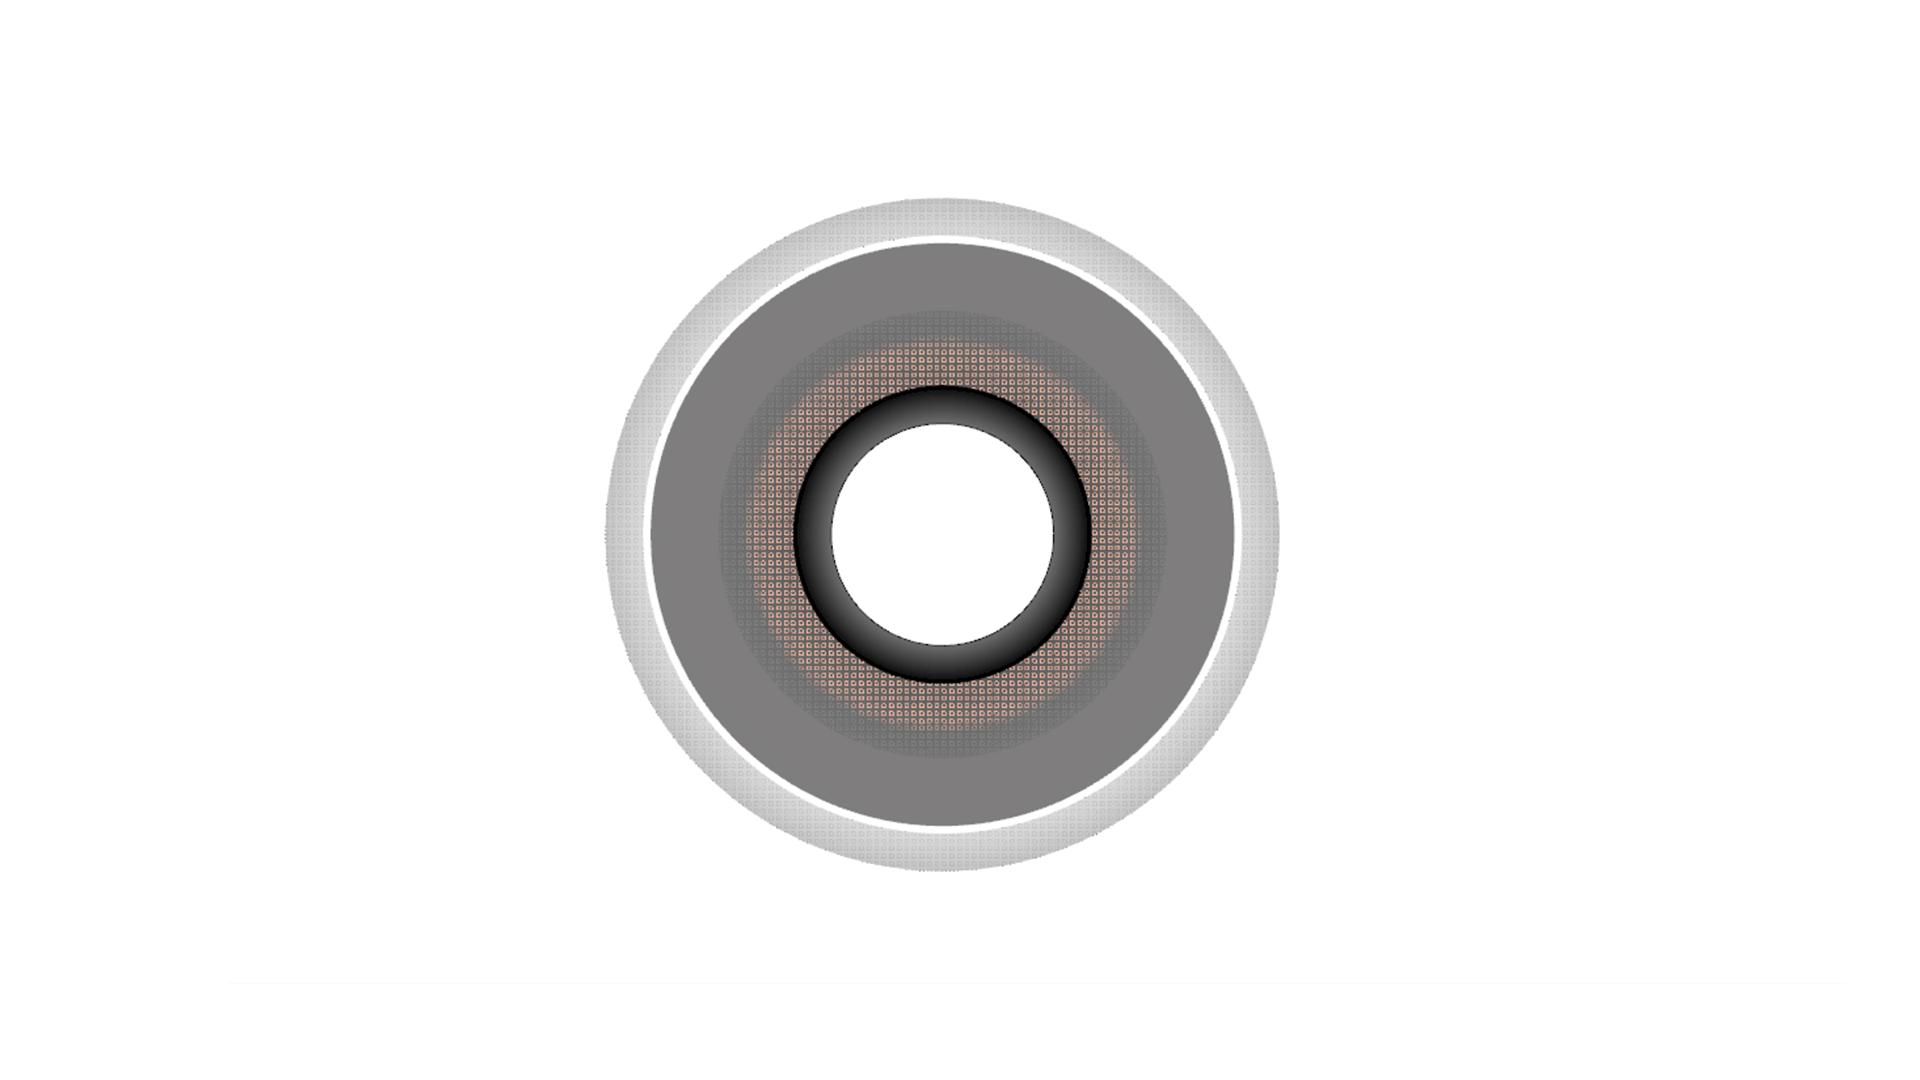 グラデーションと透明度を適用したハッチング